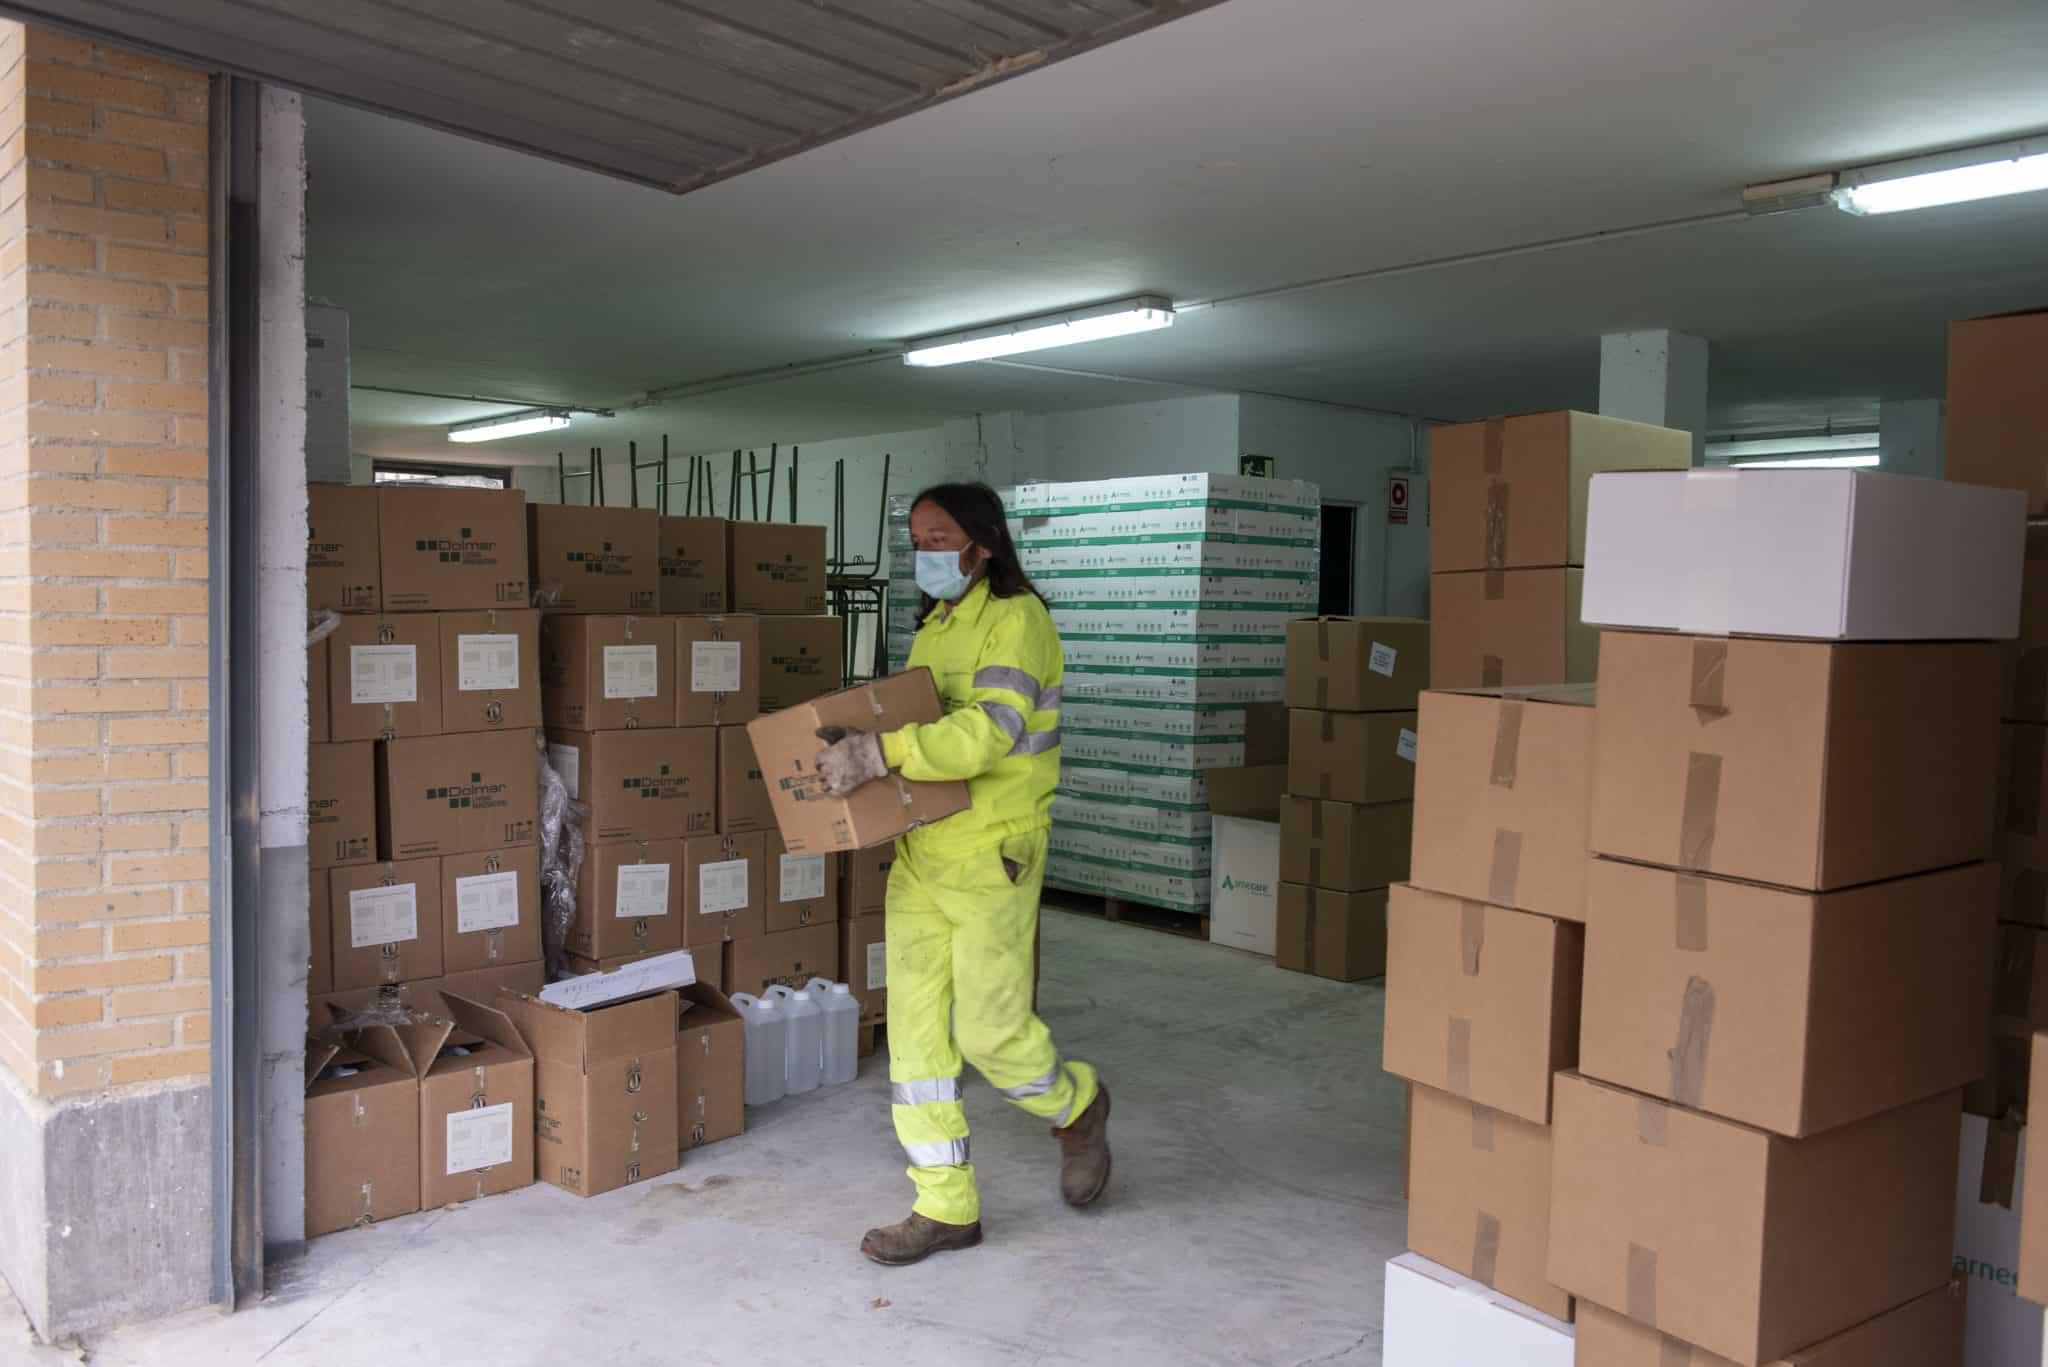 La Rioja reparte entre los centros educativos más de 300.000 unidades de materiales de prevención y 10.000 litros de hidrogel contra la COVID-19 3